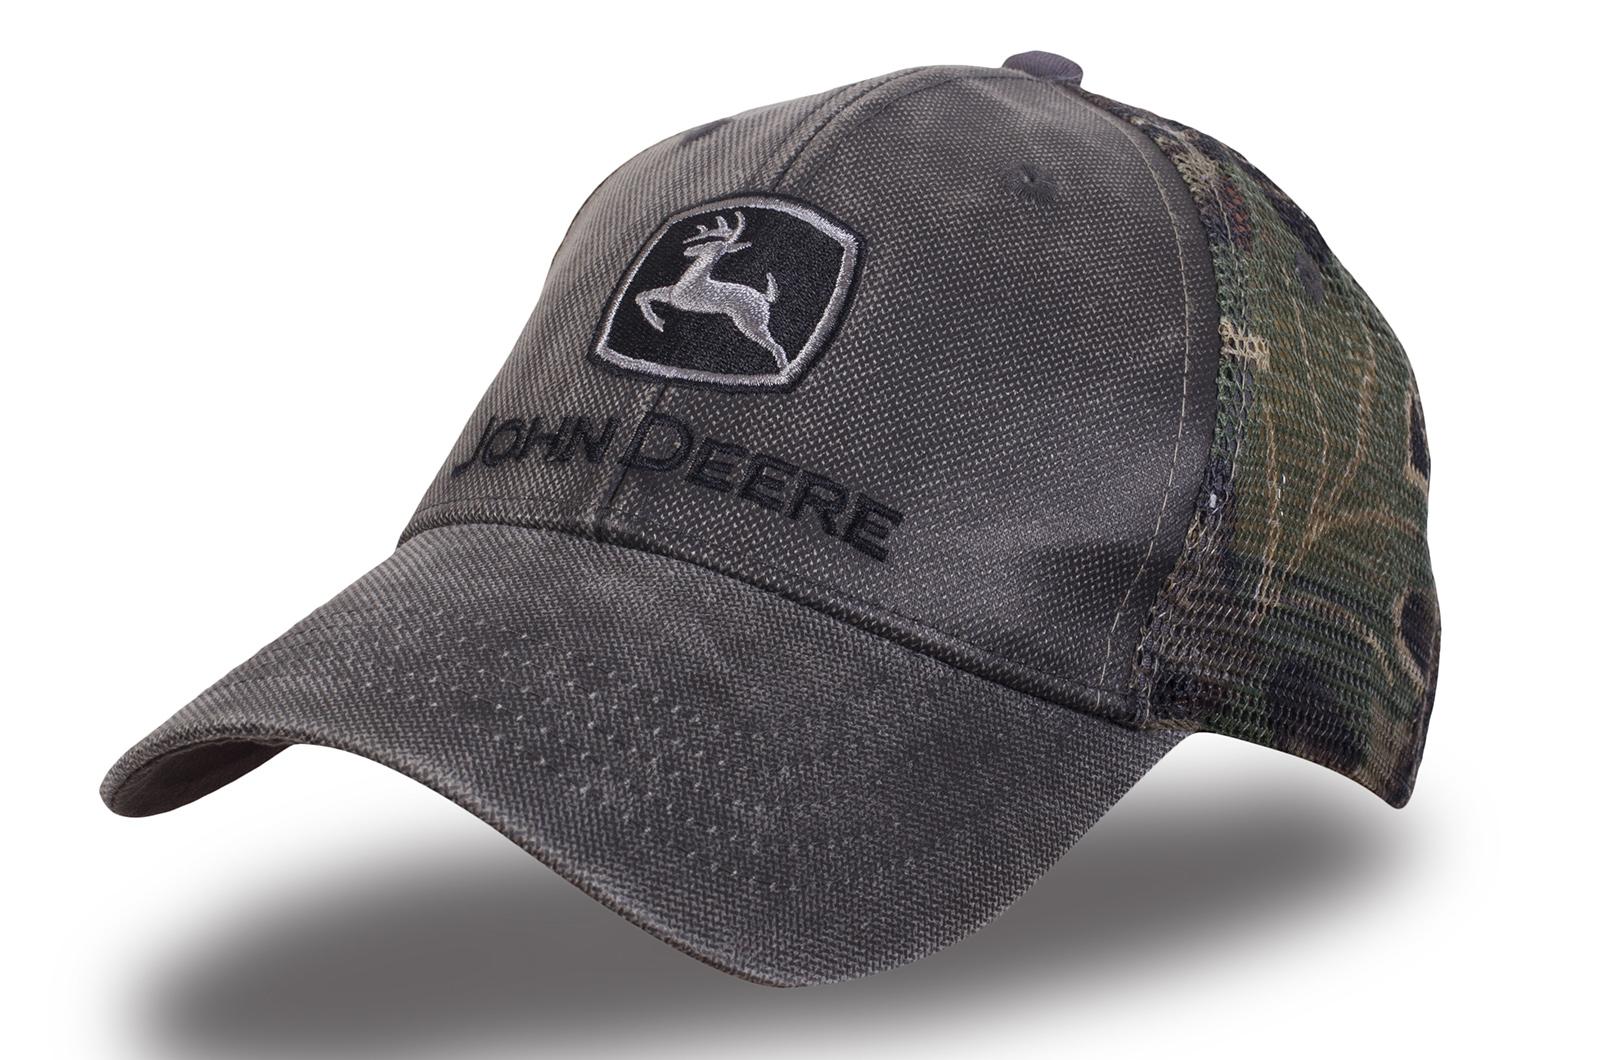 Бейсболка милитари с сеткой - купить в интернет-магазине с доставкой